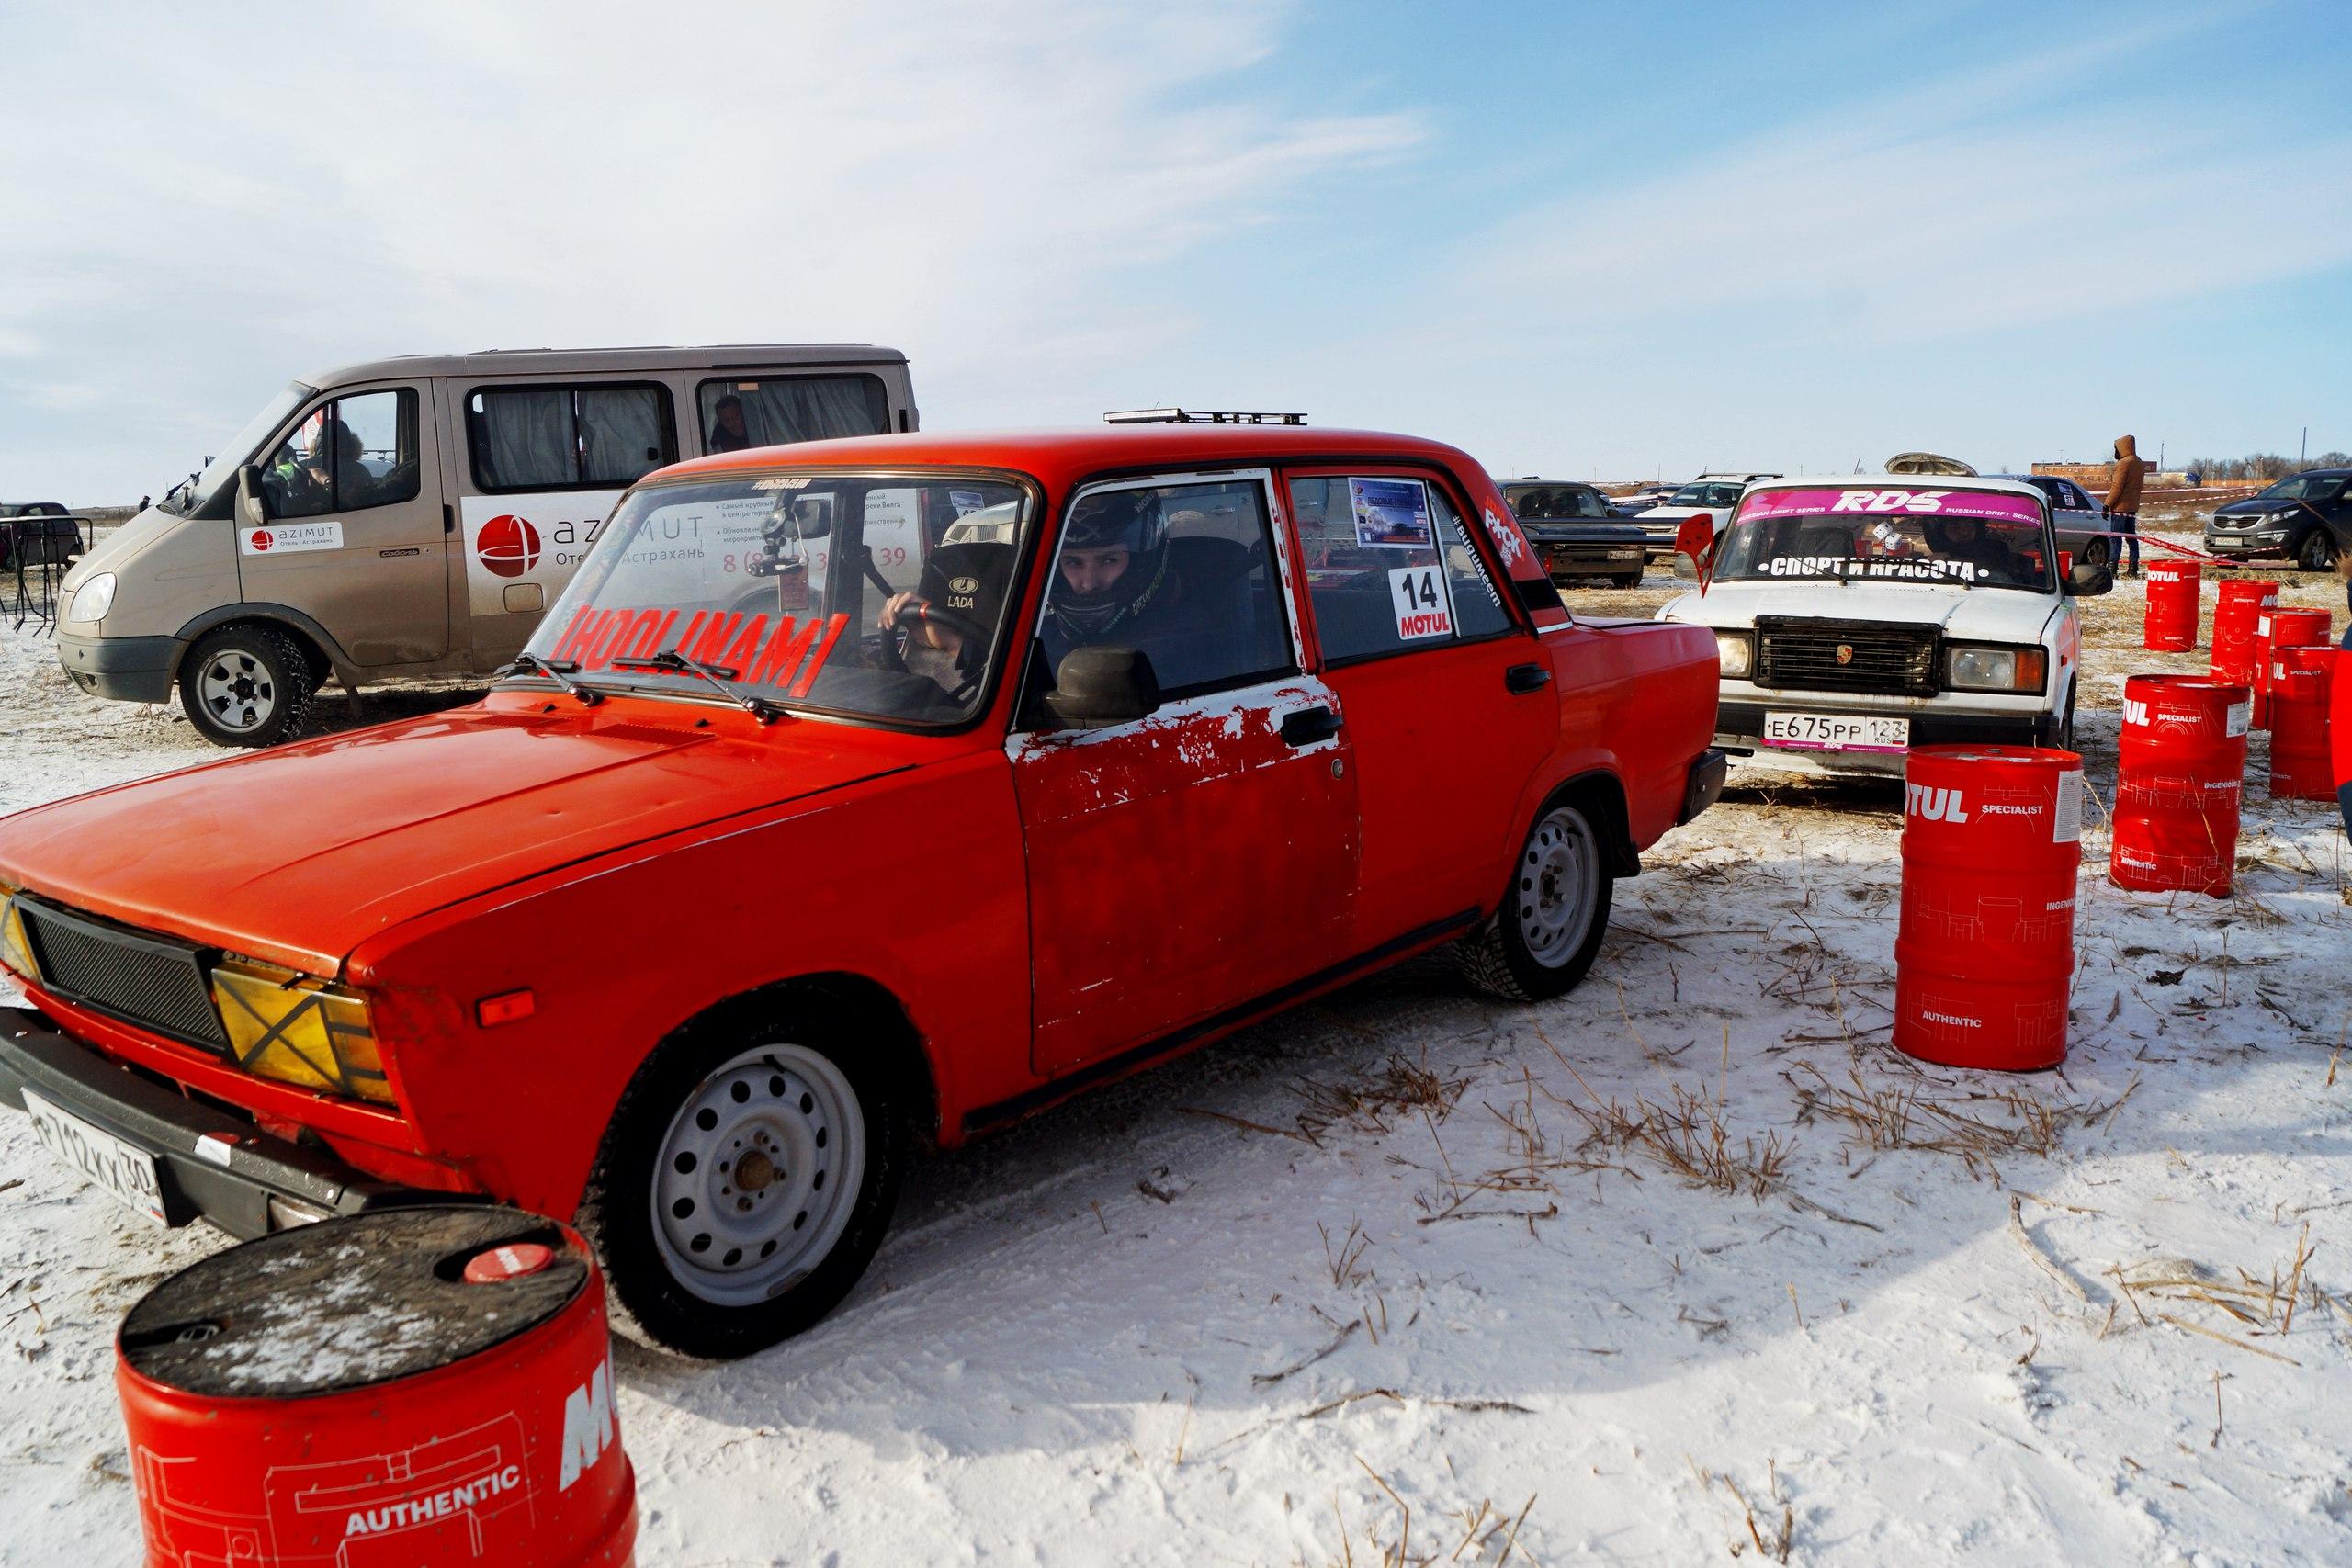 Чемпионат по трековым гонкам проходит на Соленом озере в Астраханской области